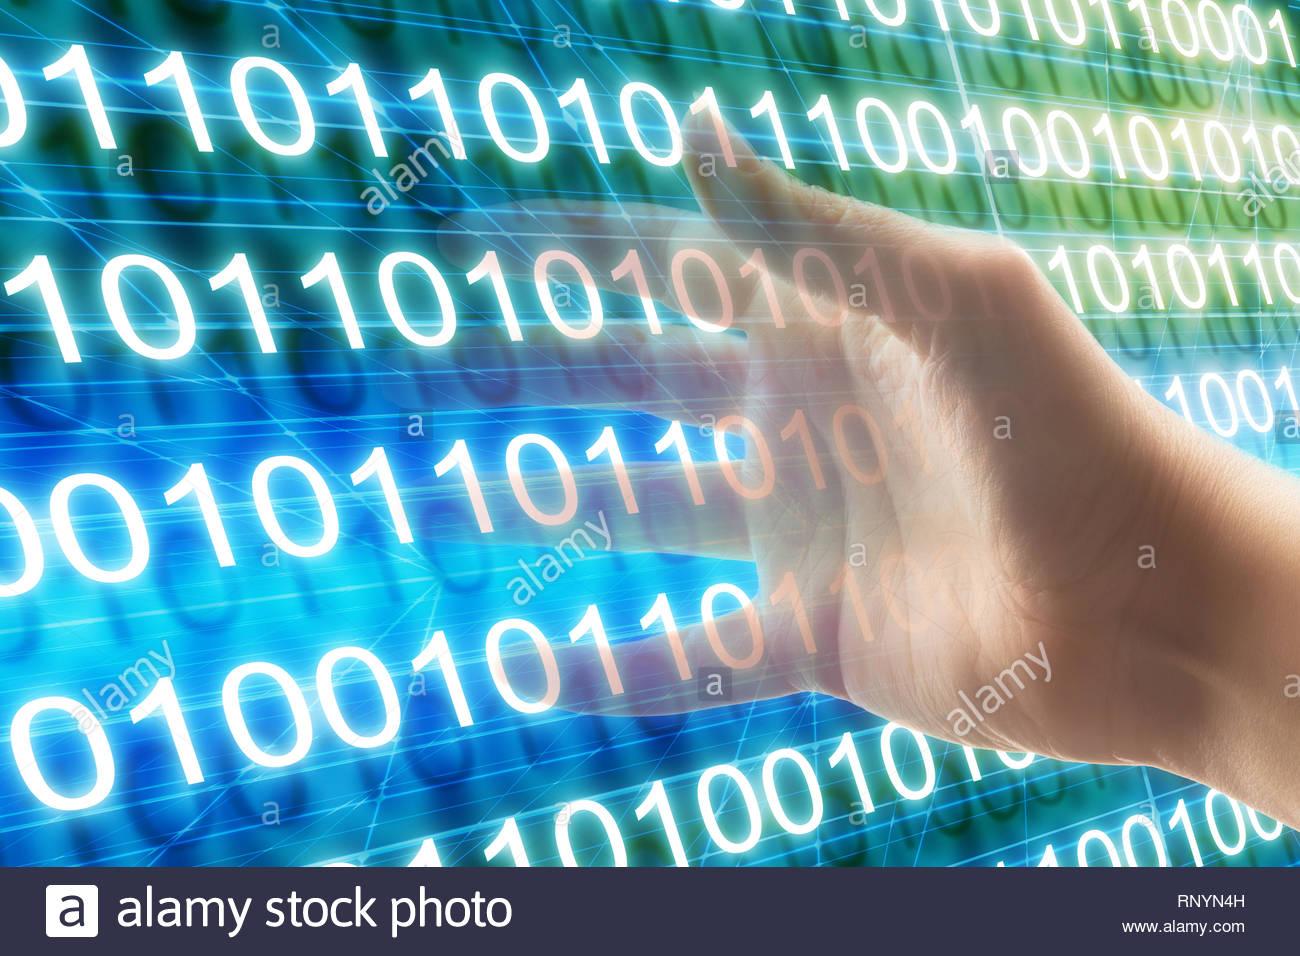 Hand packte Code, Cyberkriminalität und Code breaking Konzept Stockbild